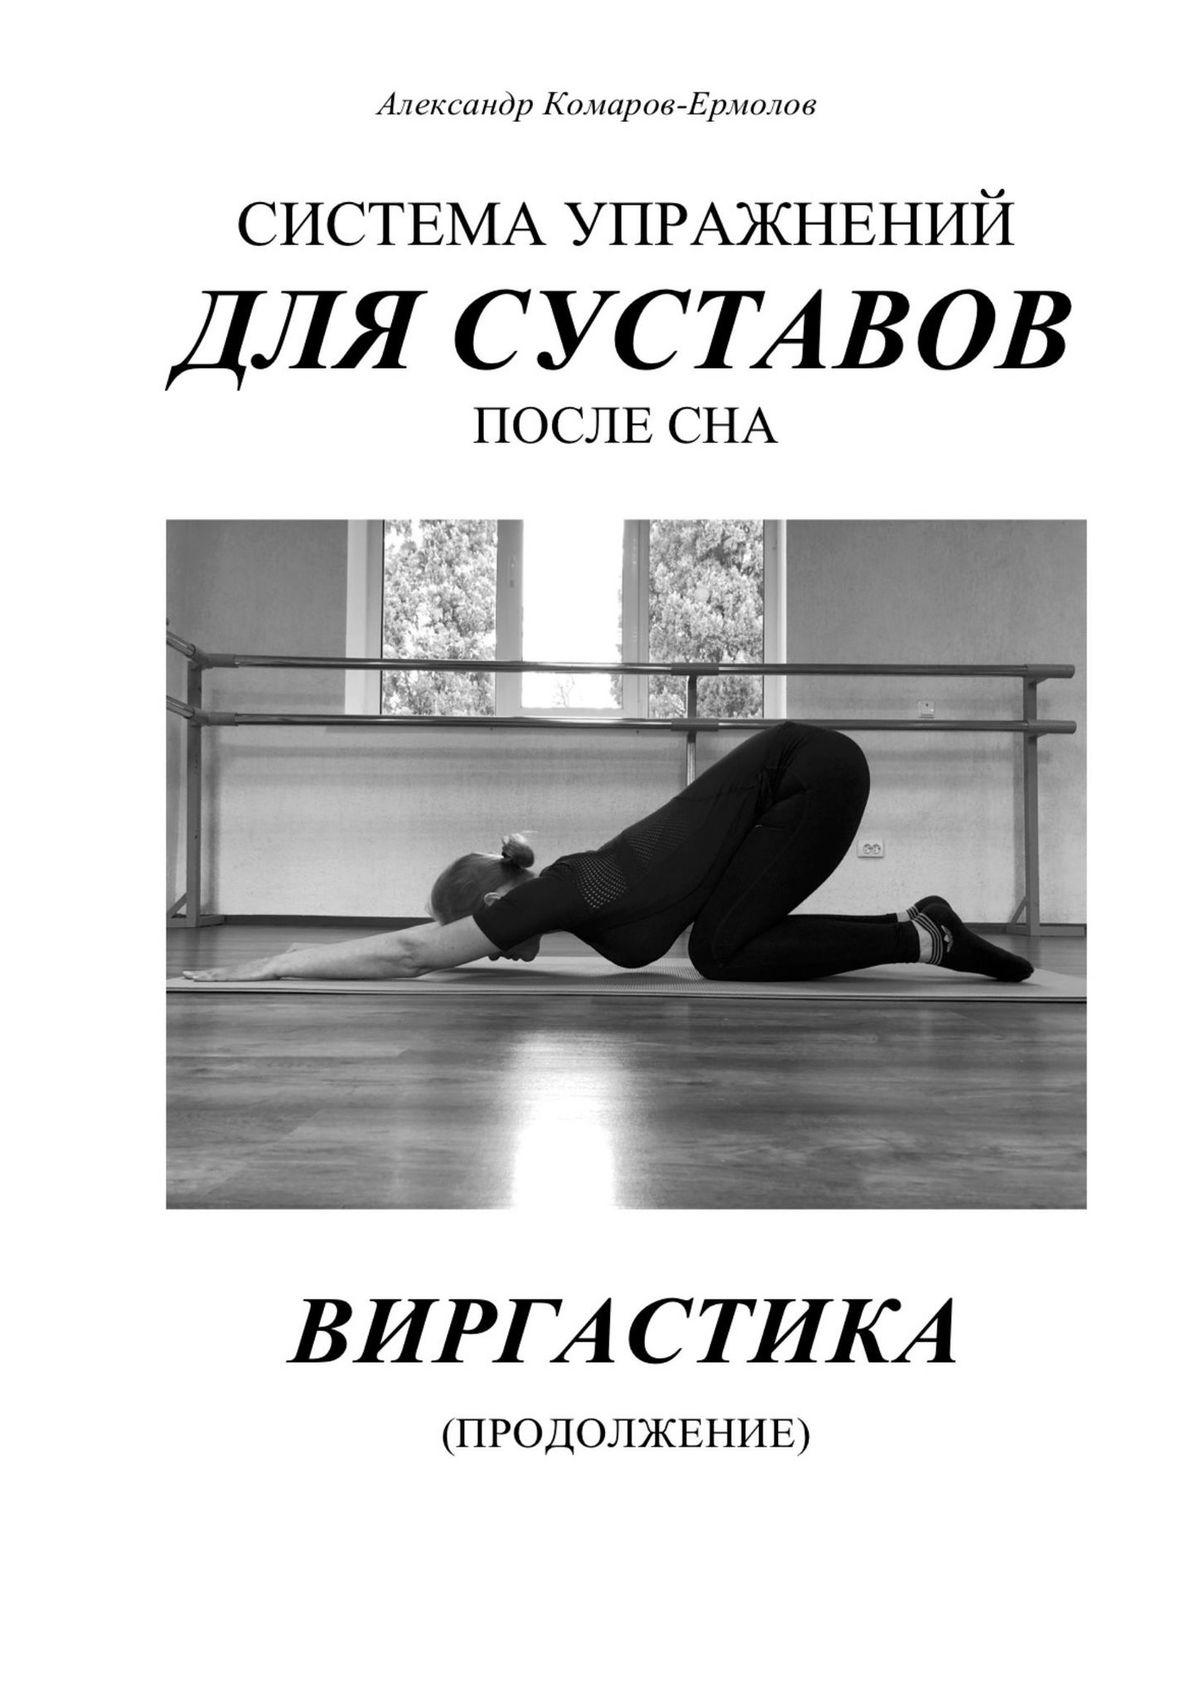 Система упражнений для суставов послесна. ВИРГАСТИКА (продолжение)